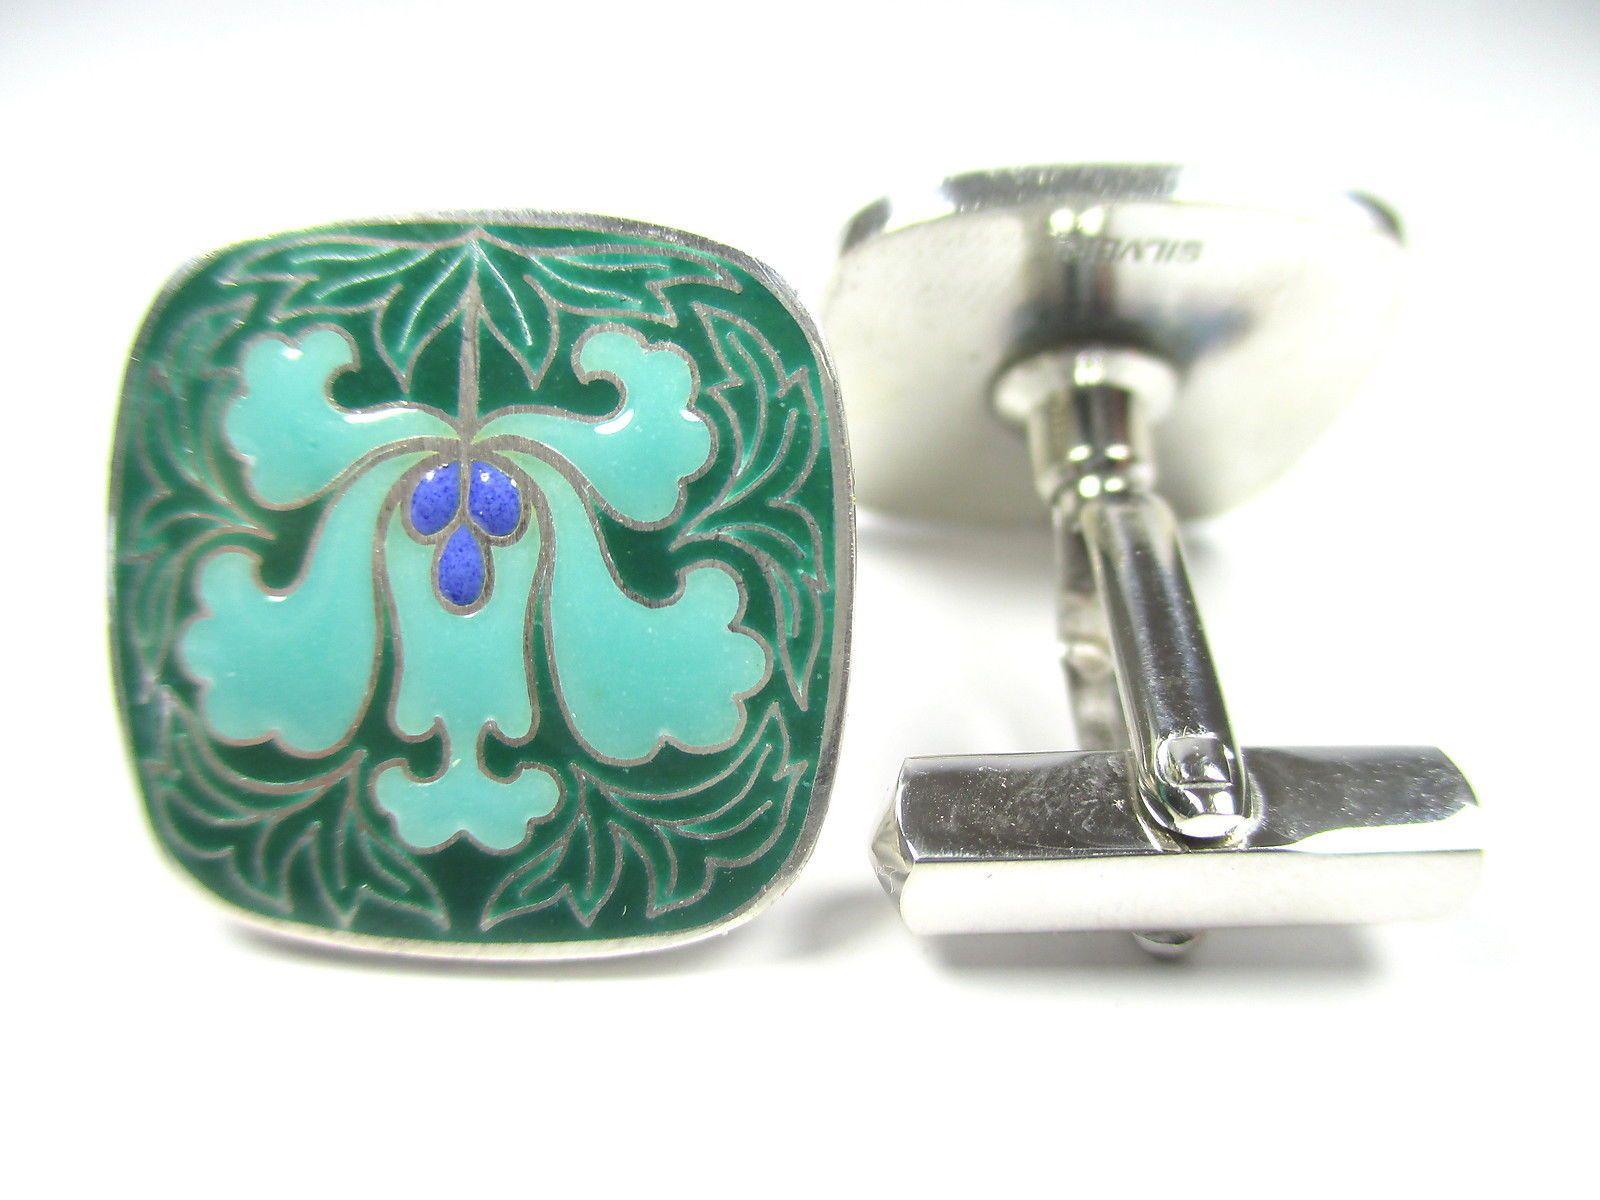 Silber Manschettenknöpfe Jugendstil Dekor Emaille Modernist 70er yy N4 2